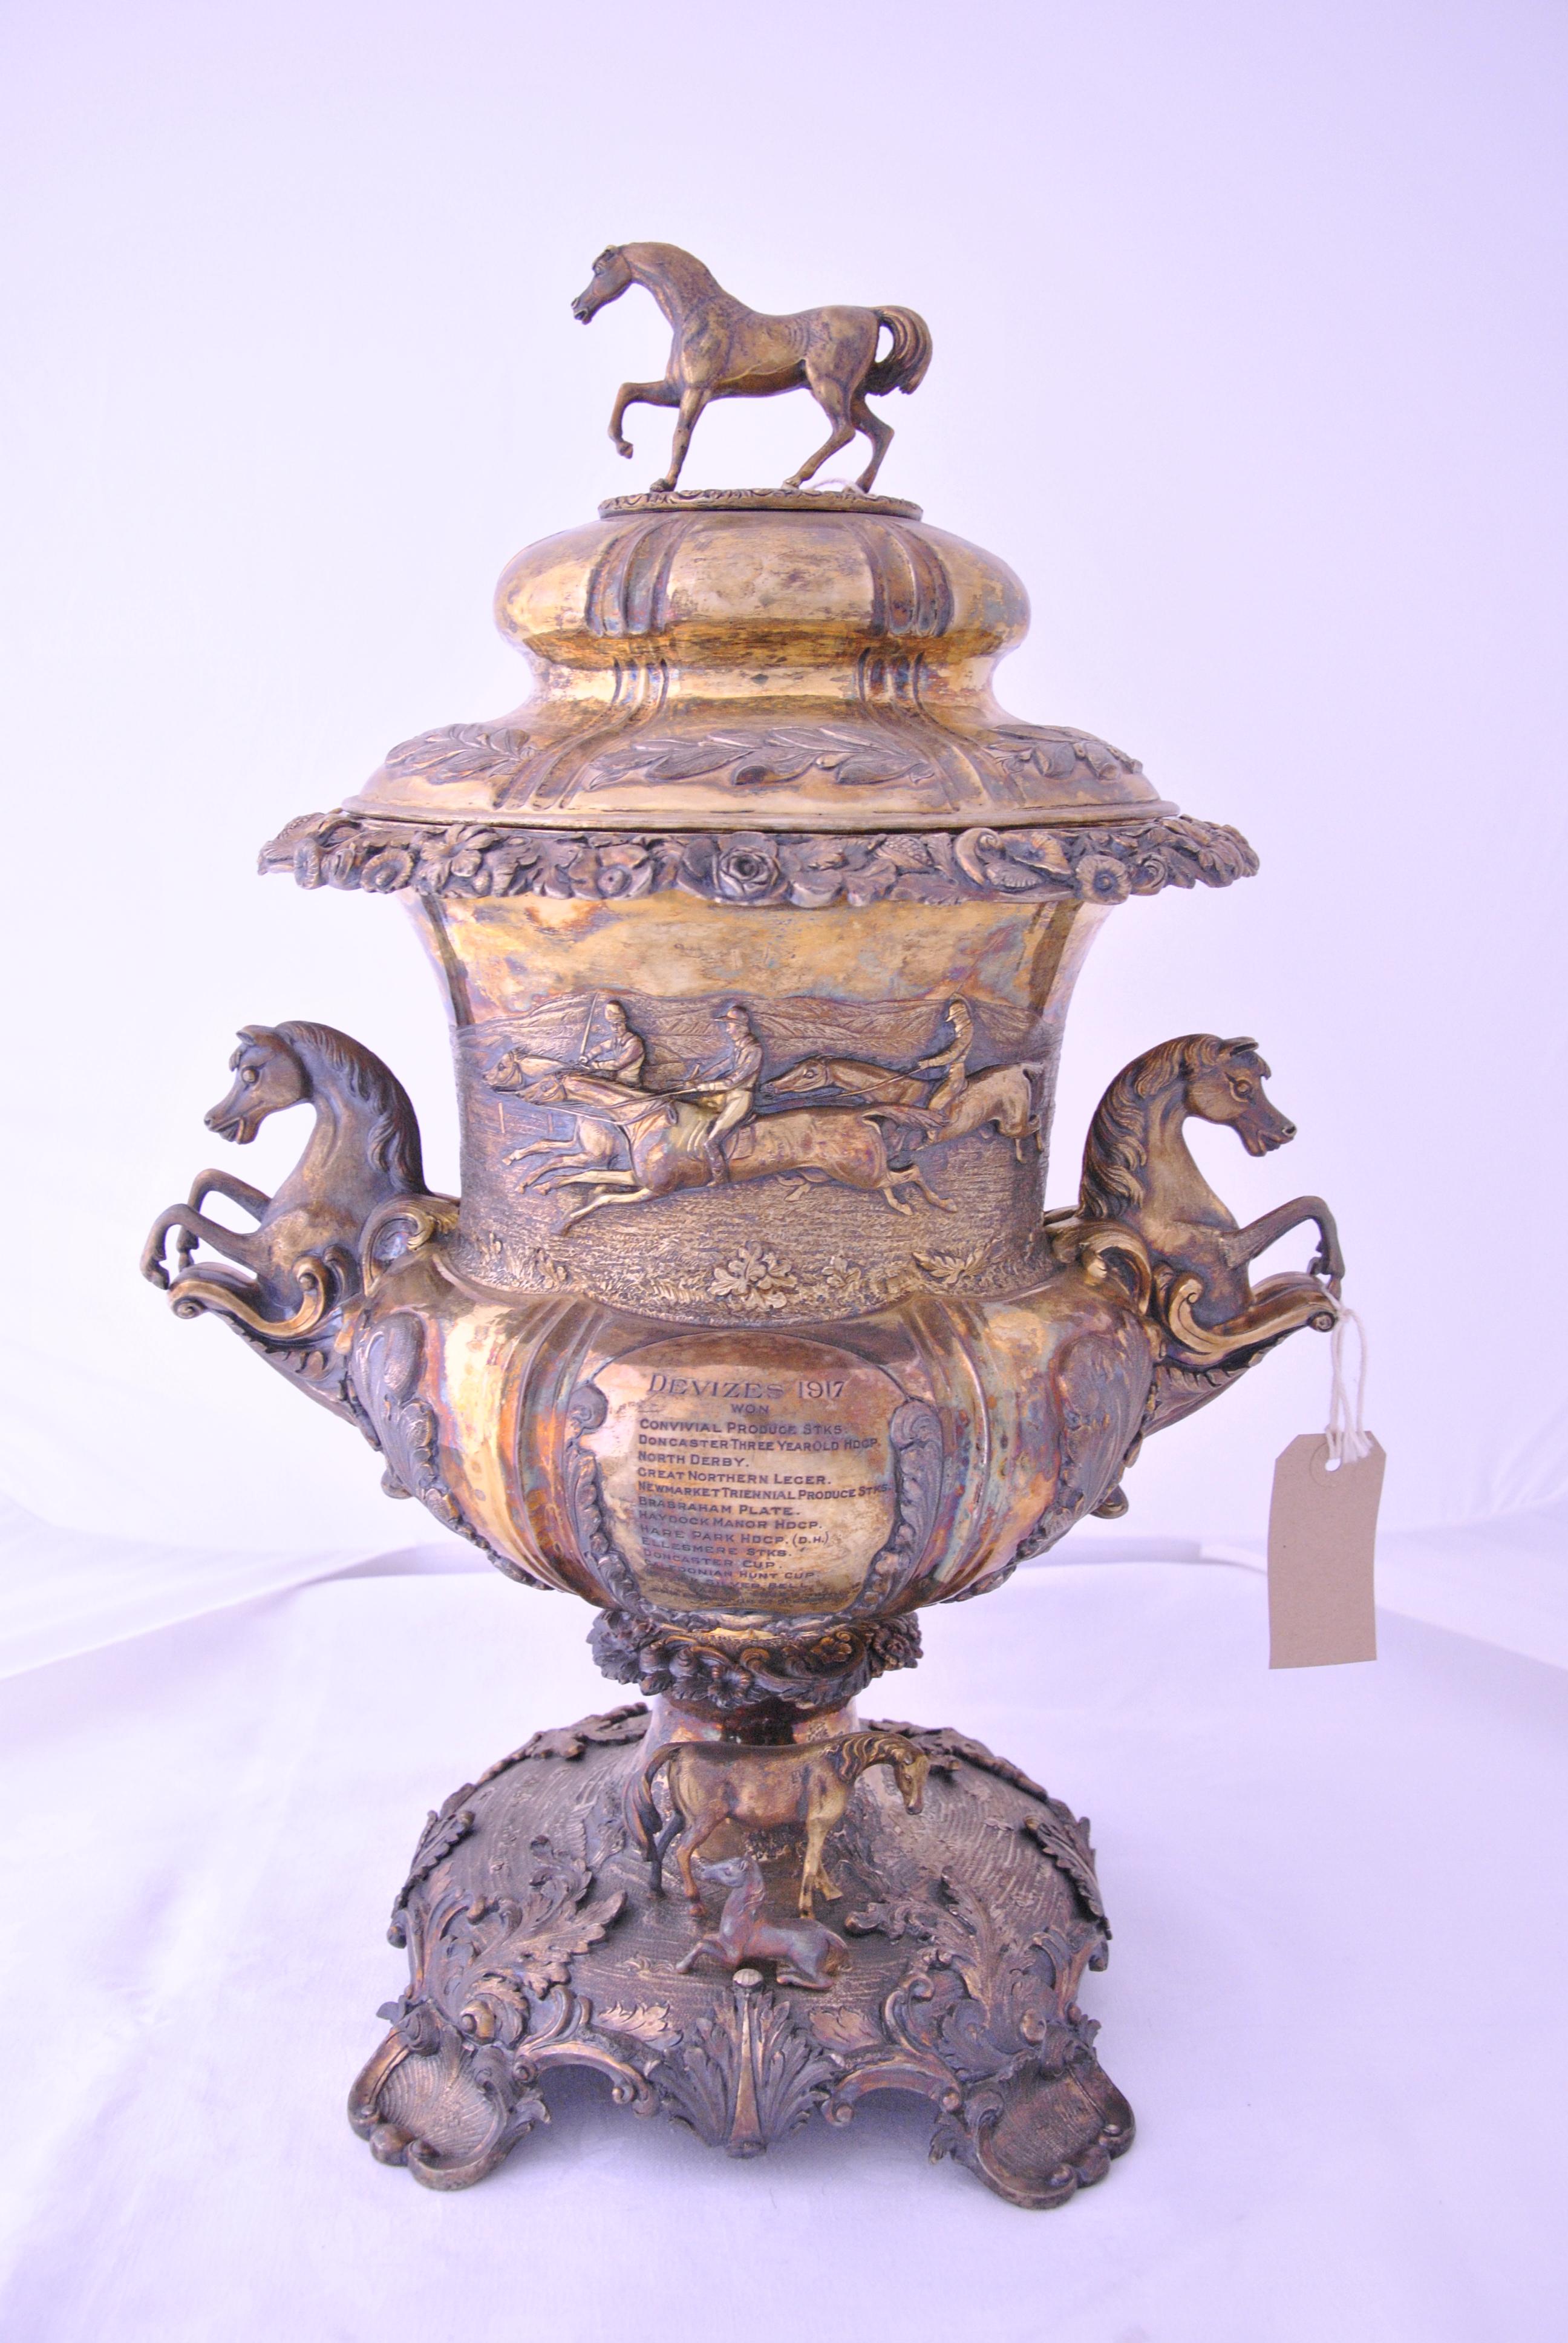 https://0201.nccdn.net/1_2/000/000/0bd/278/doncaster-cup-1922.jpg